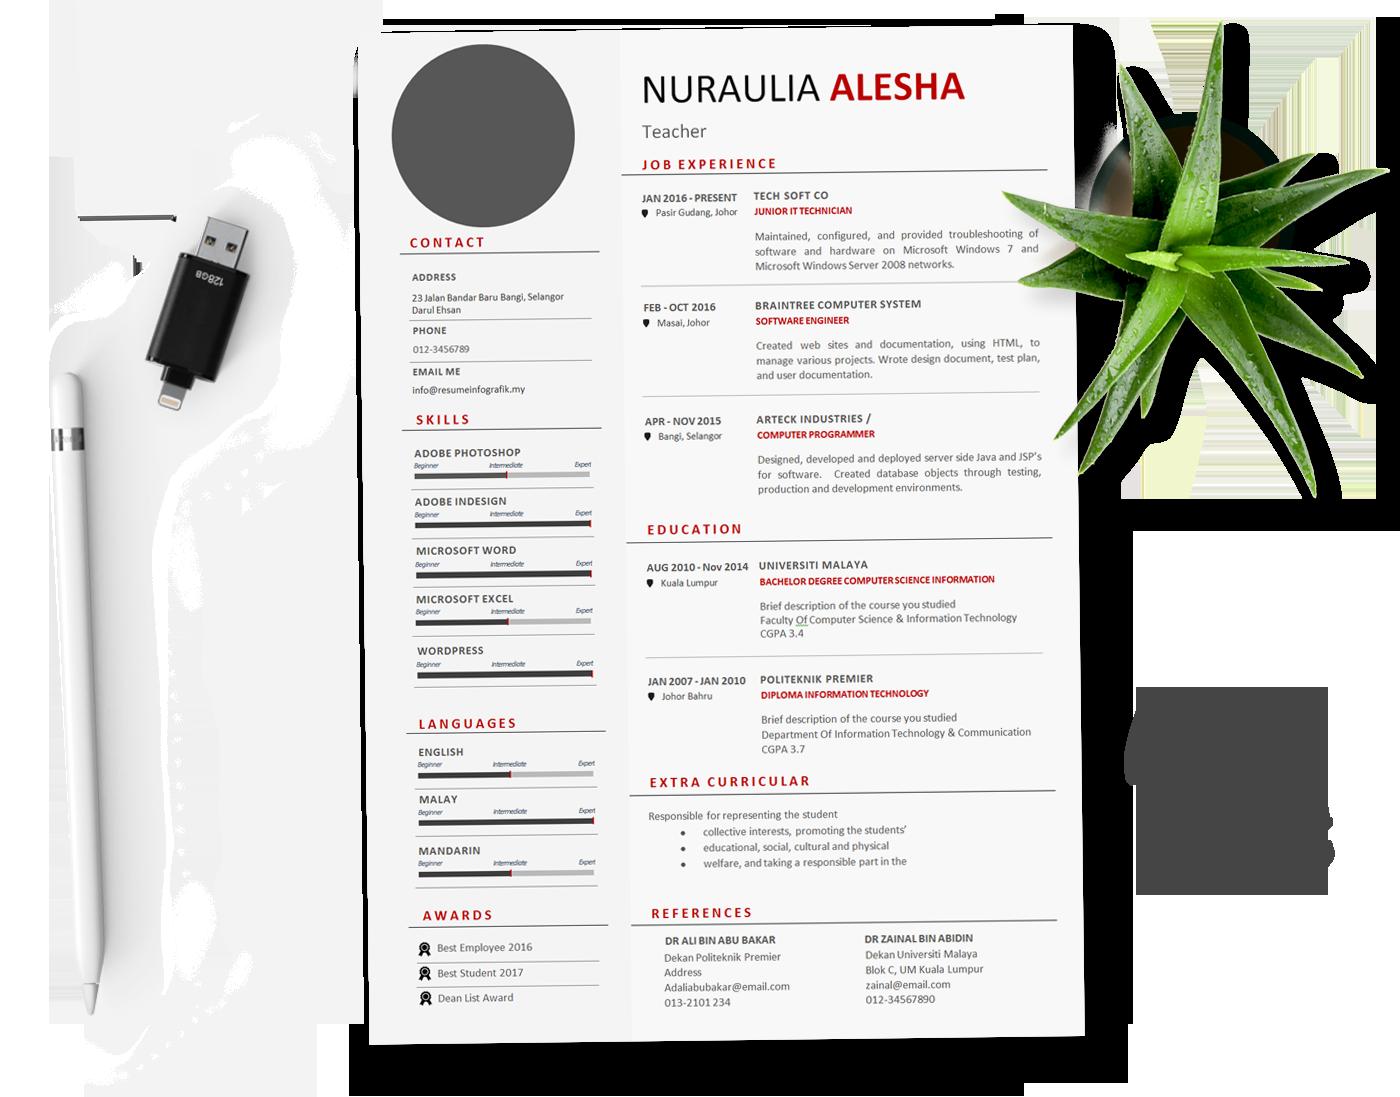 template resume  u2013 kepakaran kami membantu anda menyediakan